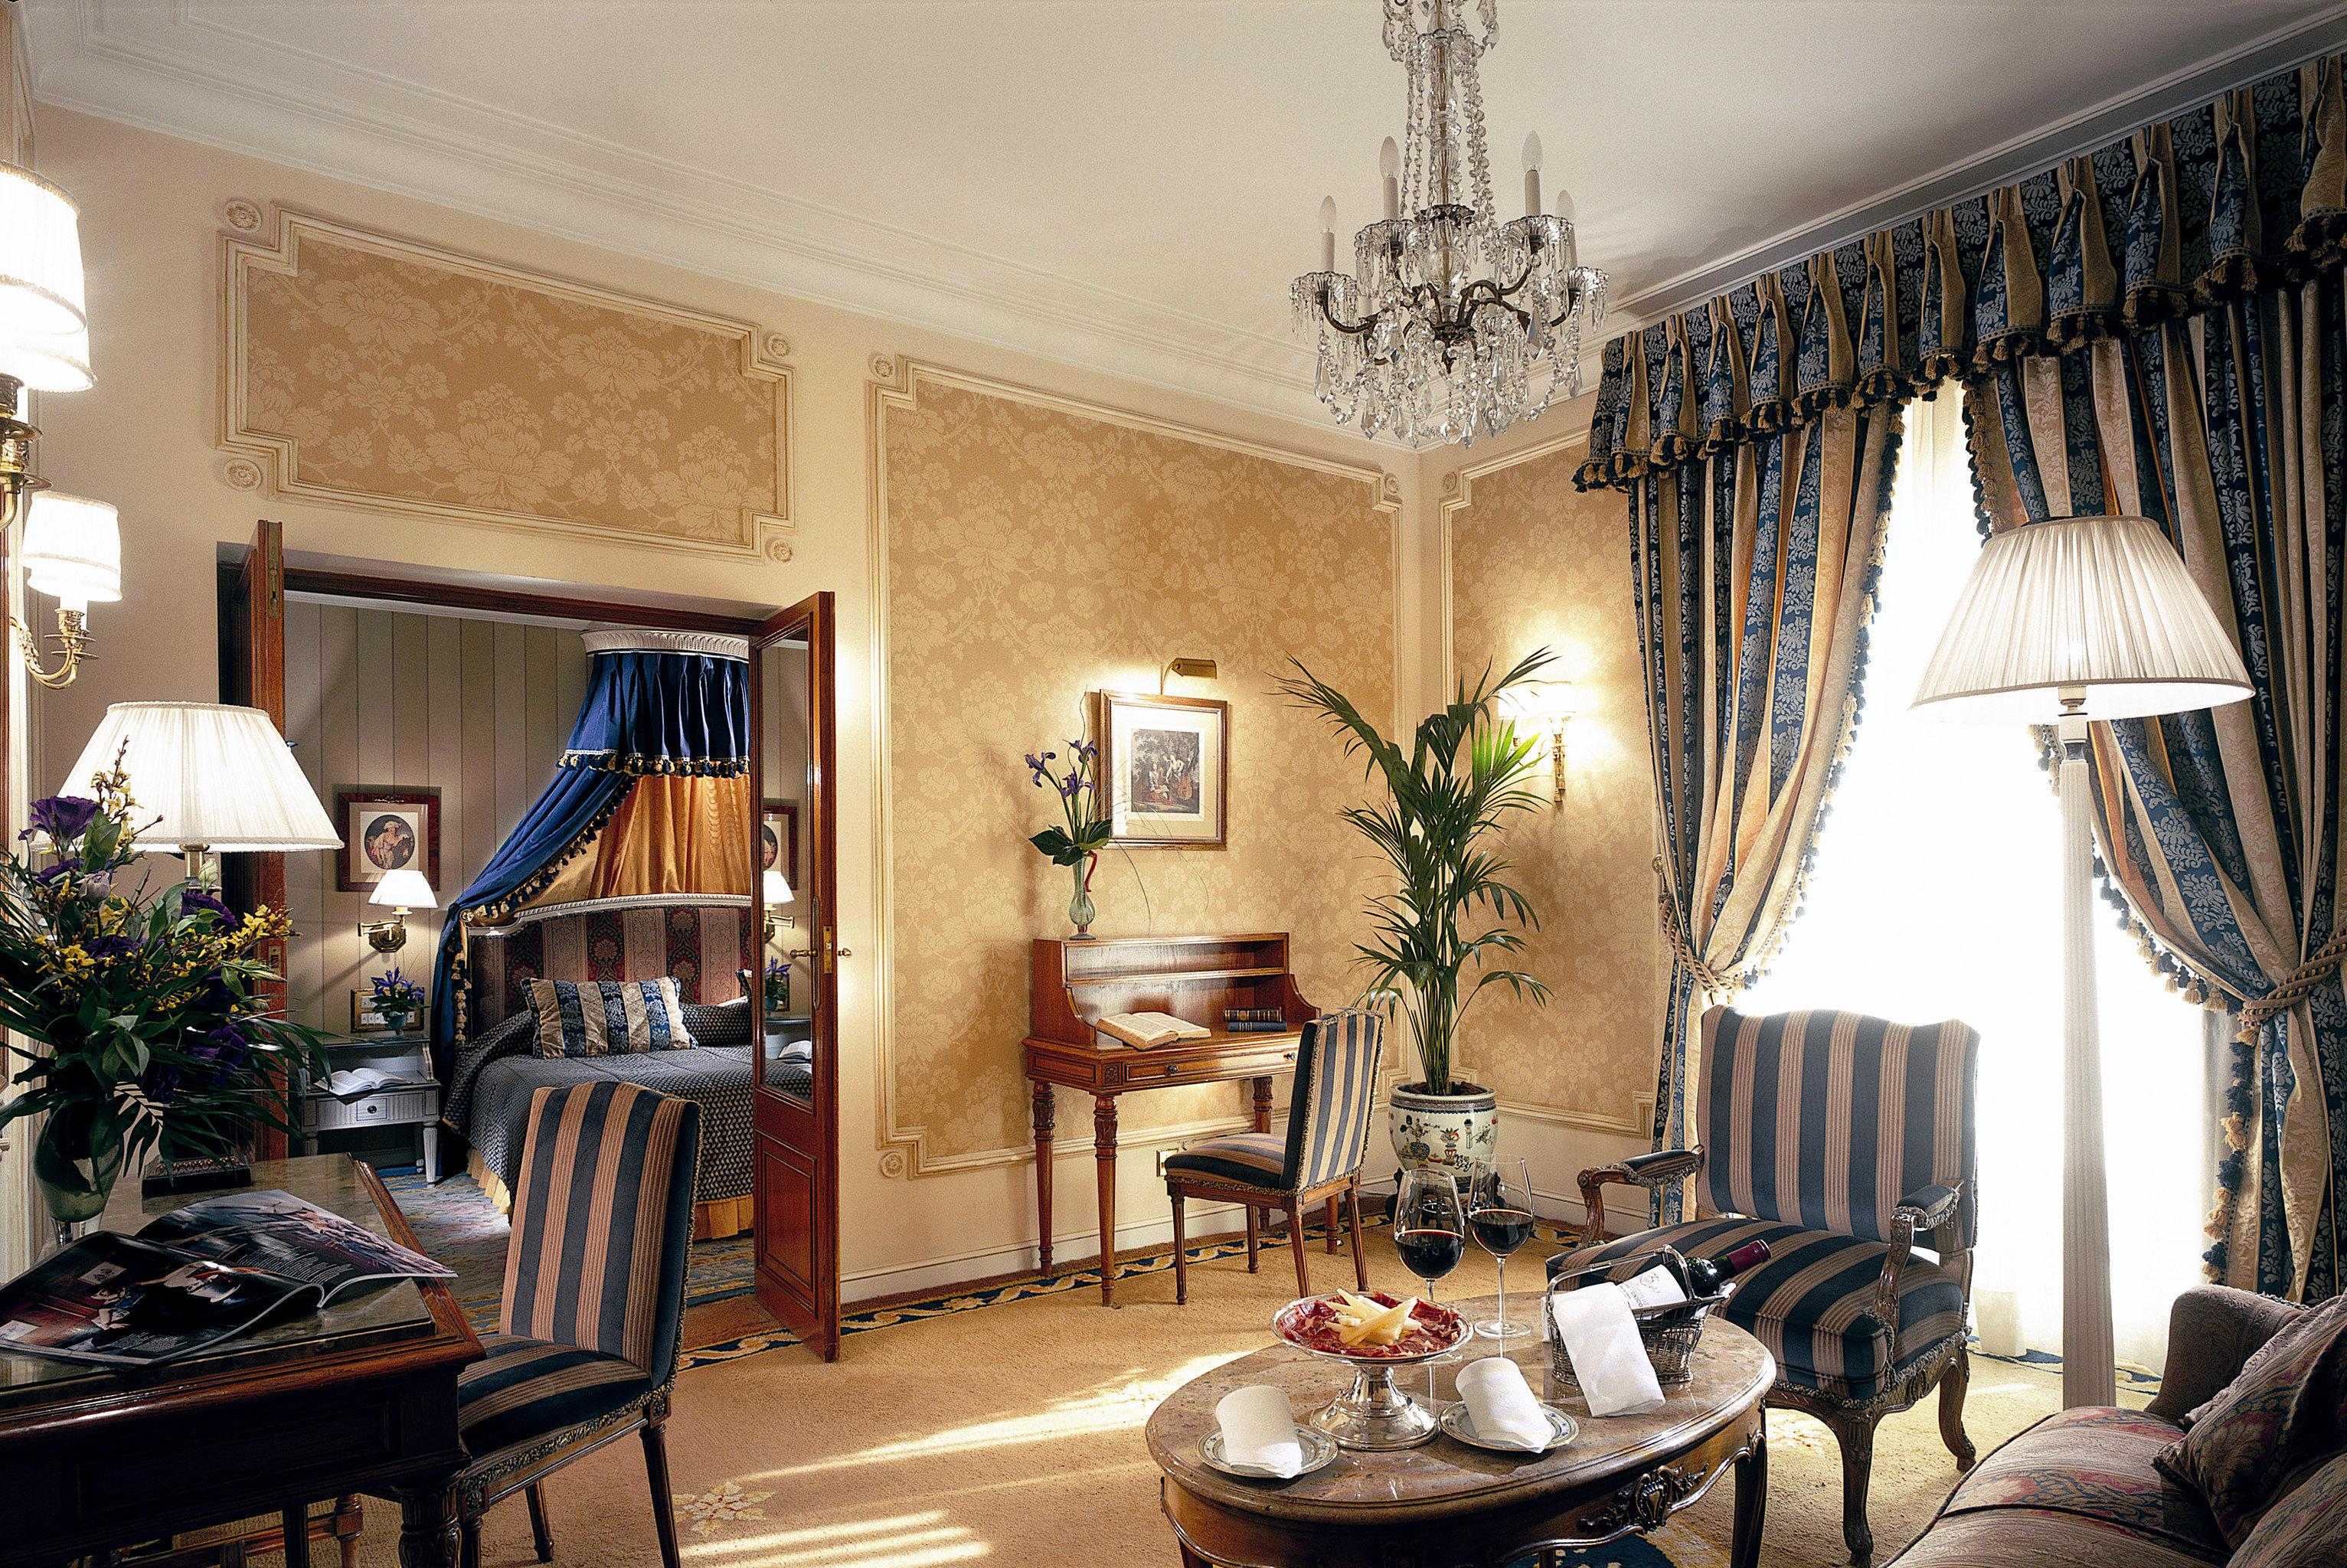 Elegant Historic Lounge Luxury Rustic property living room home mansion cottage Suite Villa condominium